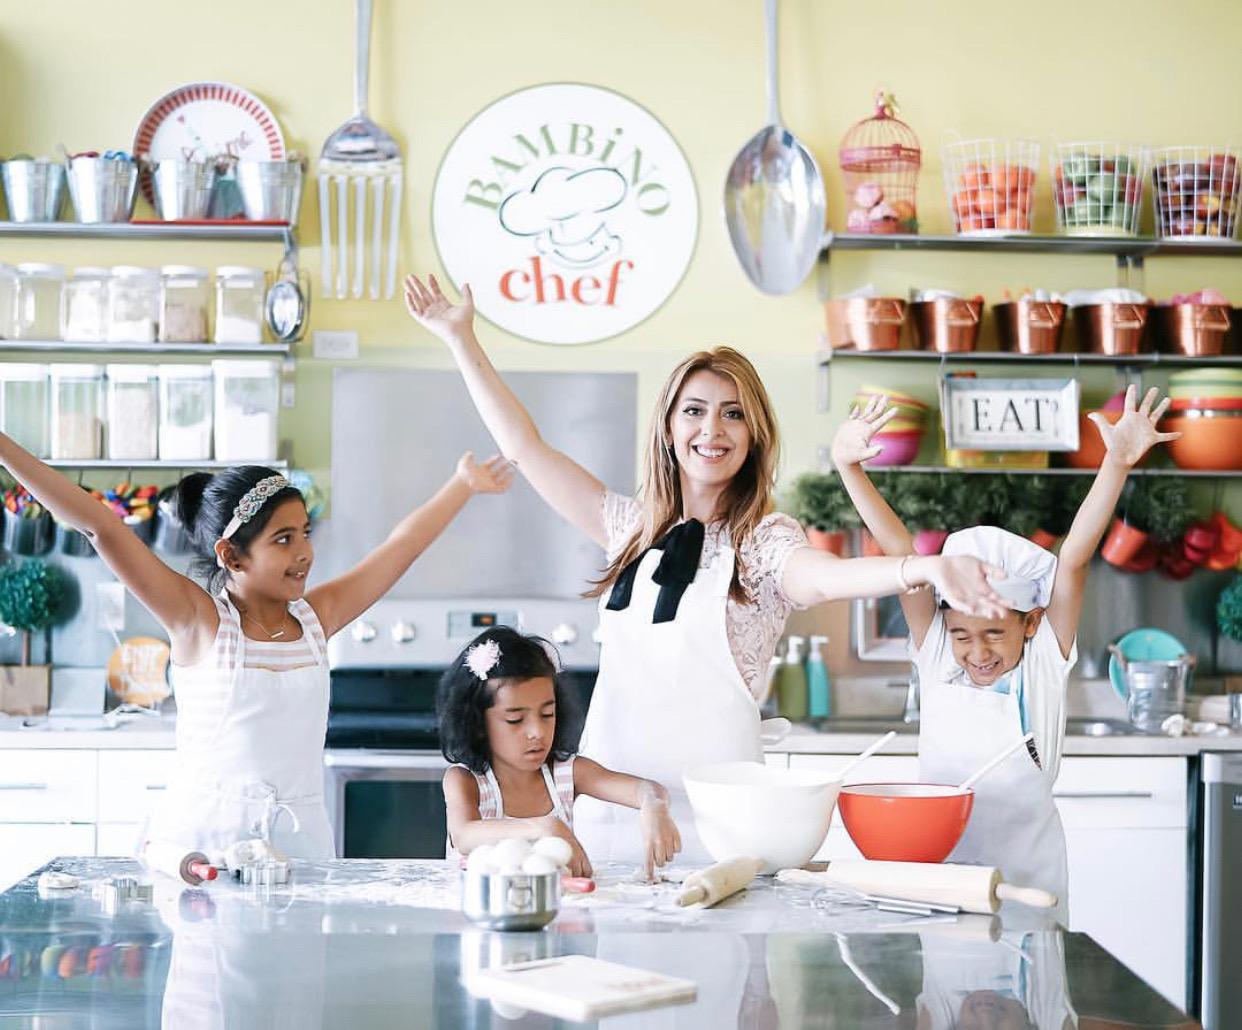 nj mom is here facebook live bambino chef renee renee gonzalez